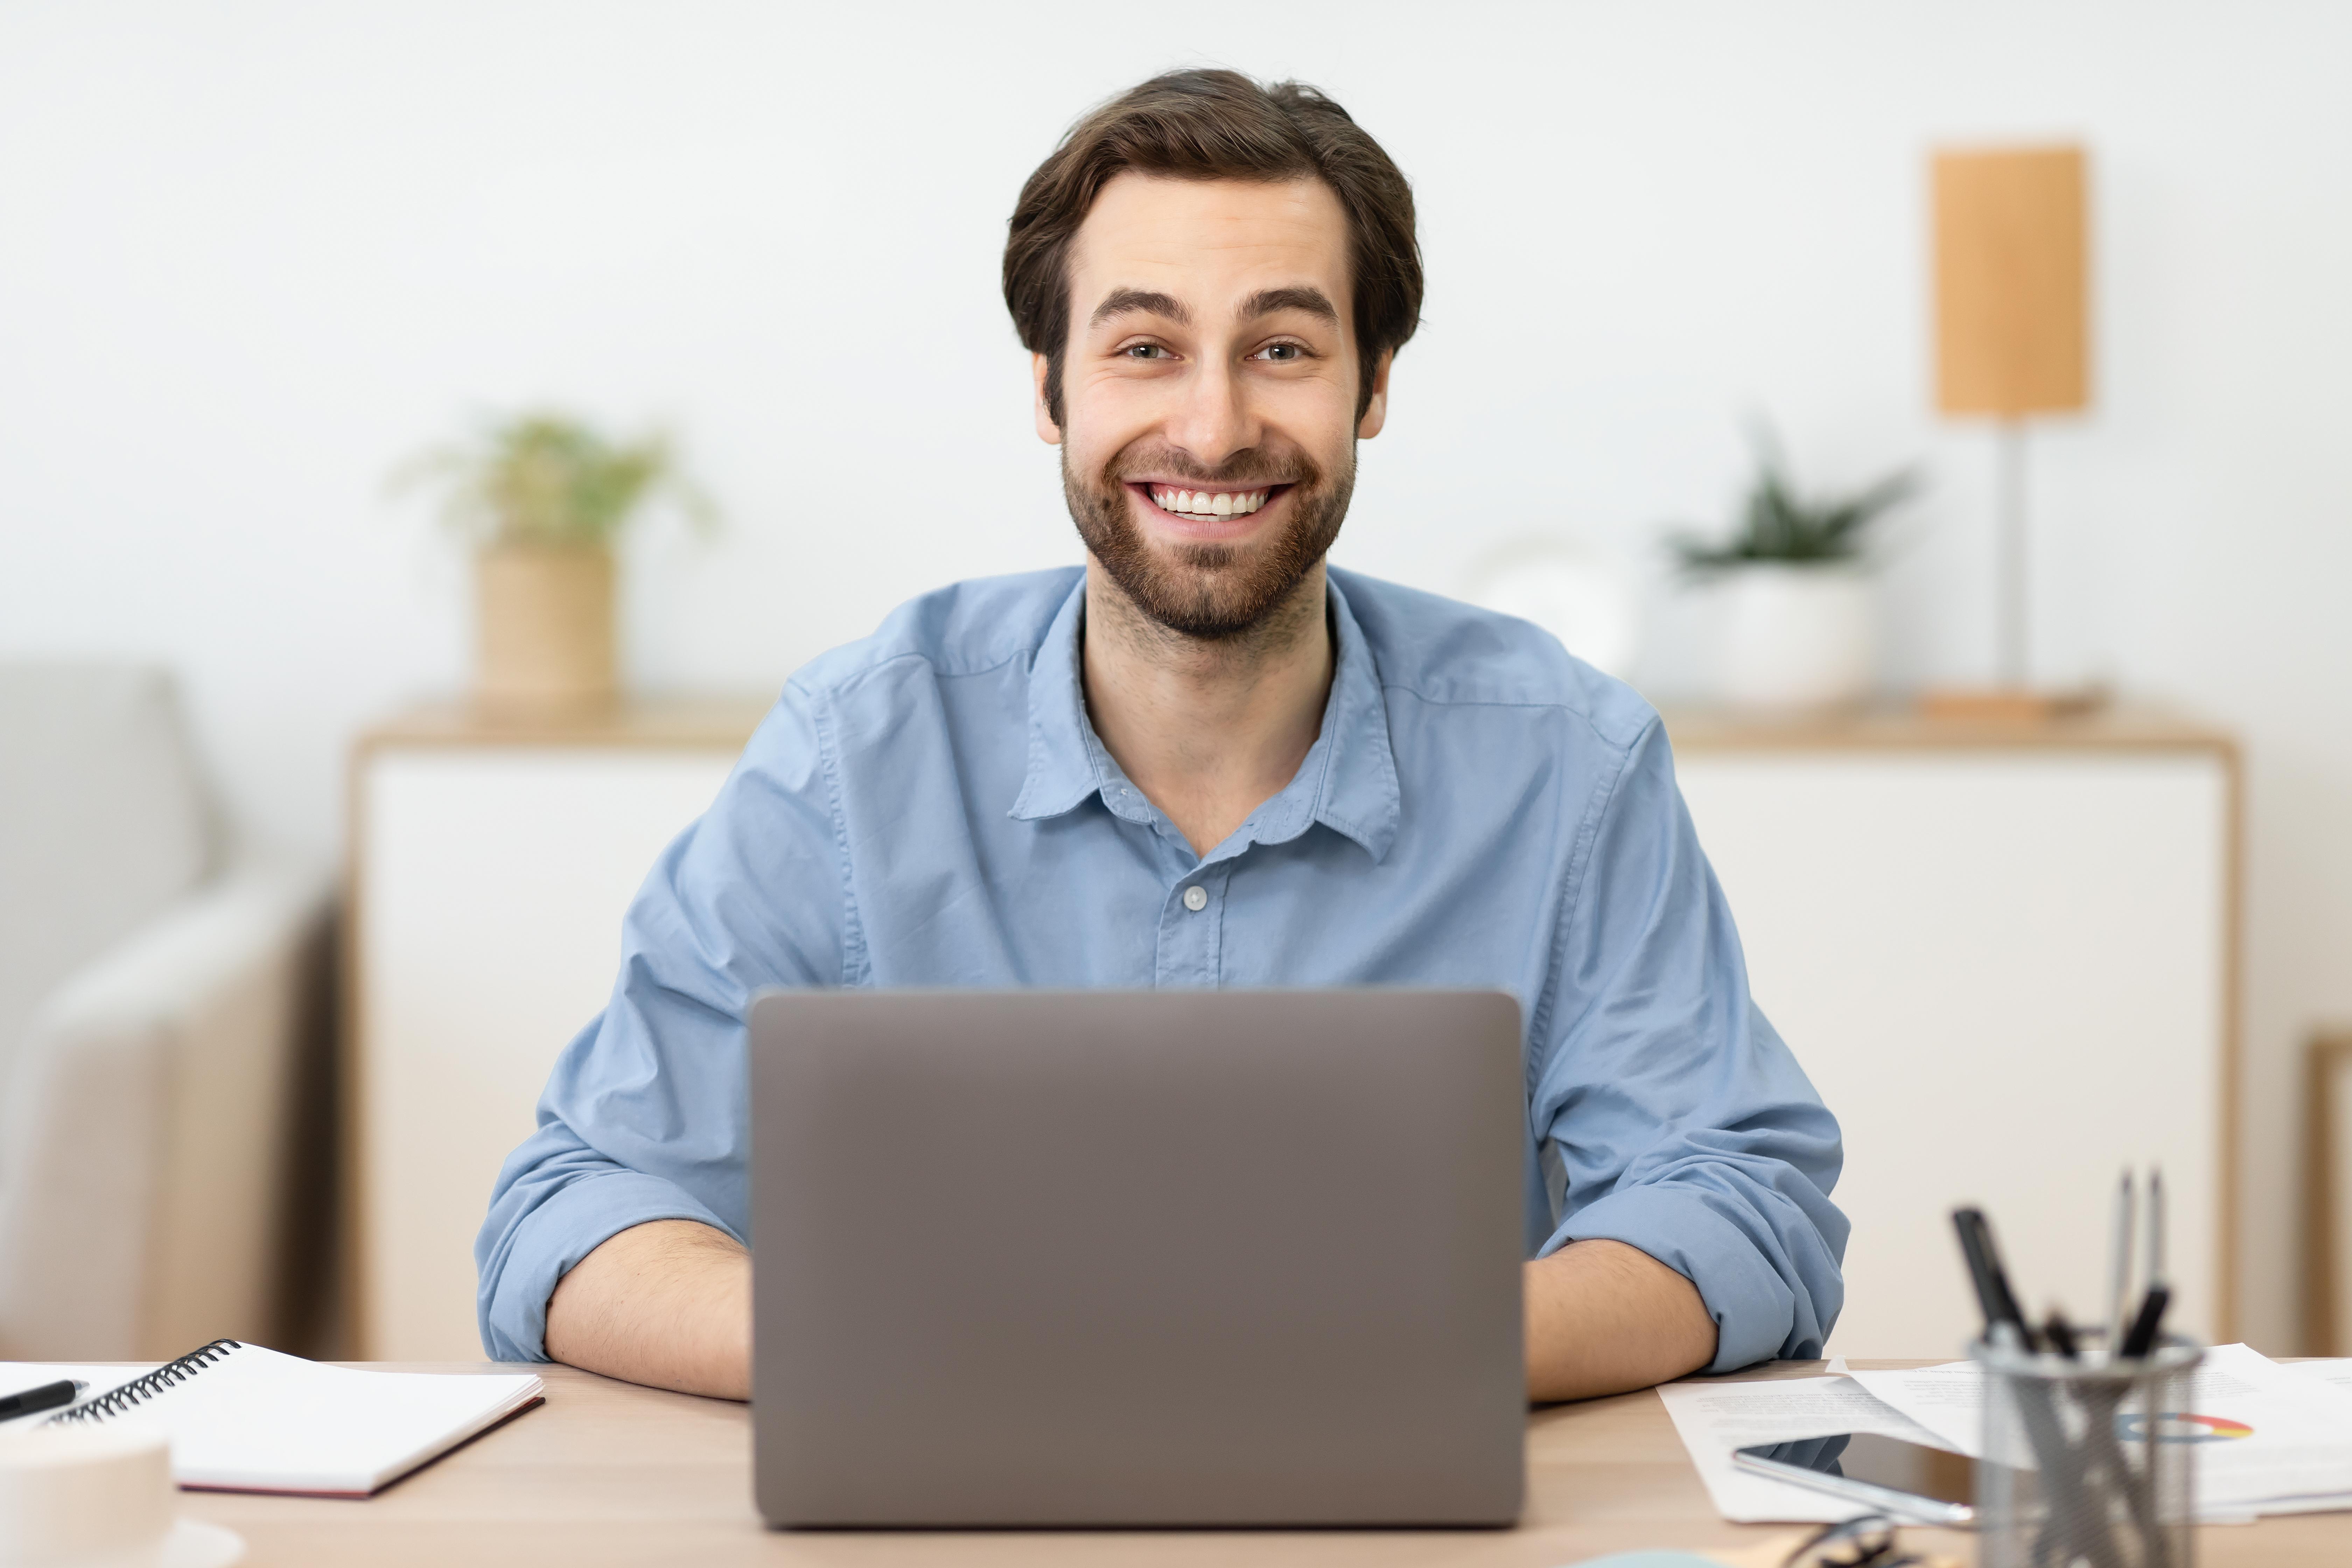 smiling guy laptop